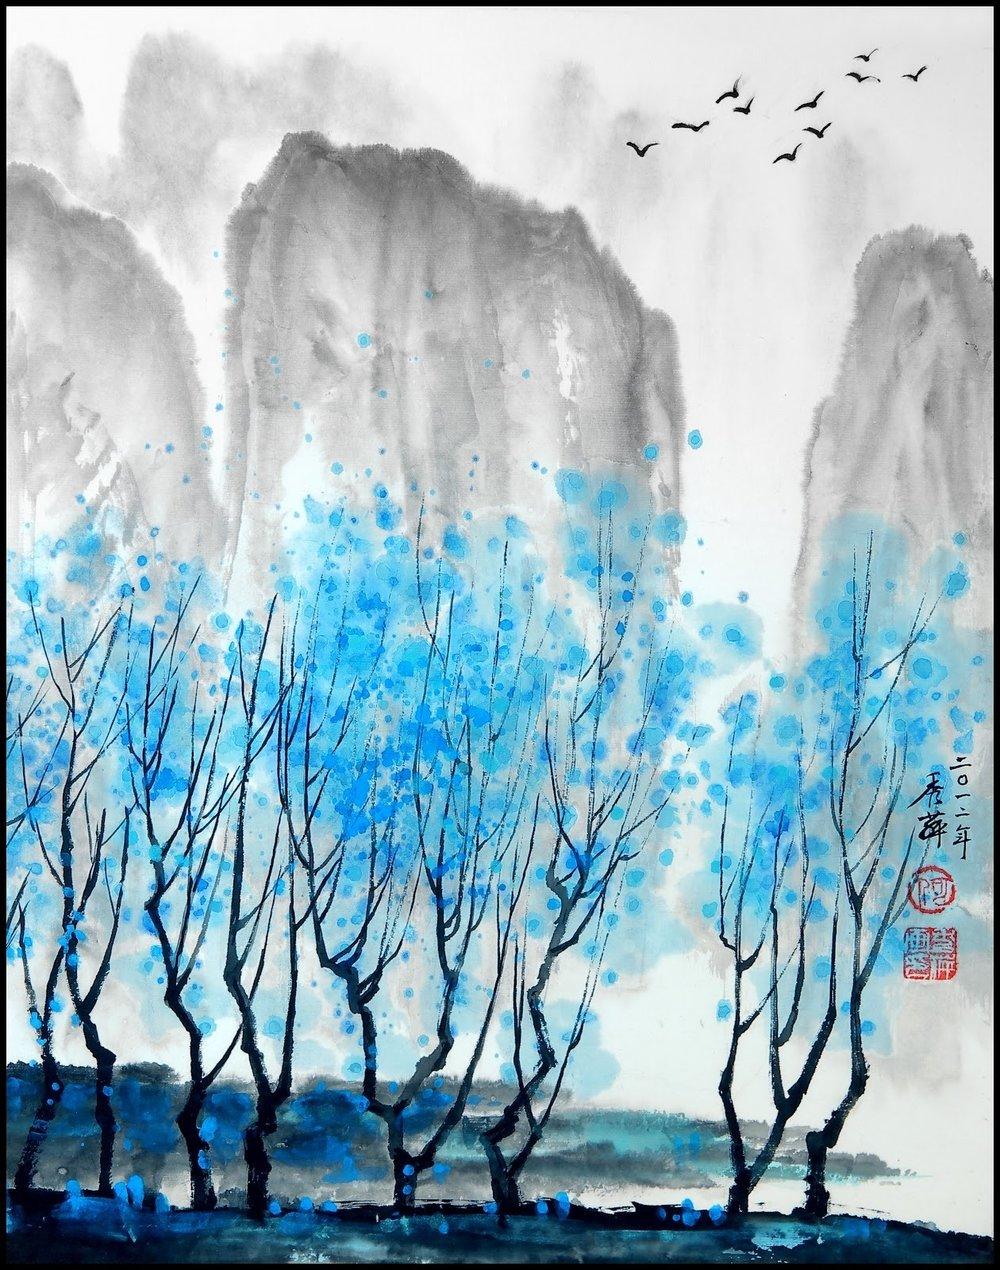 MHo_Spring in Lijiang.jpg